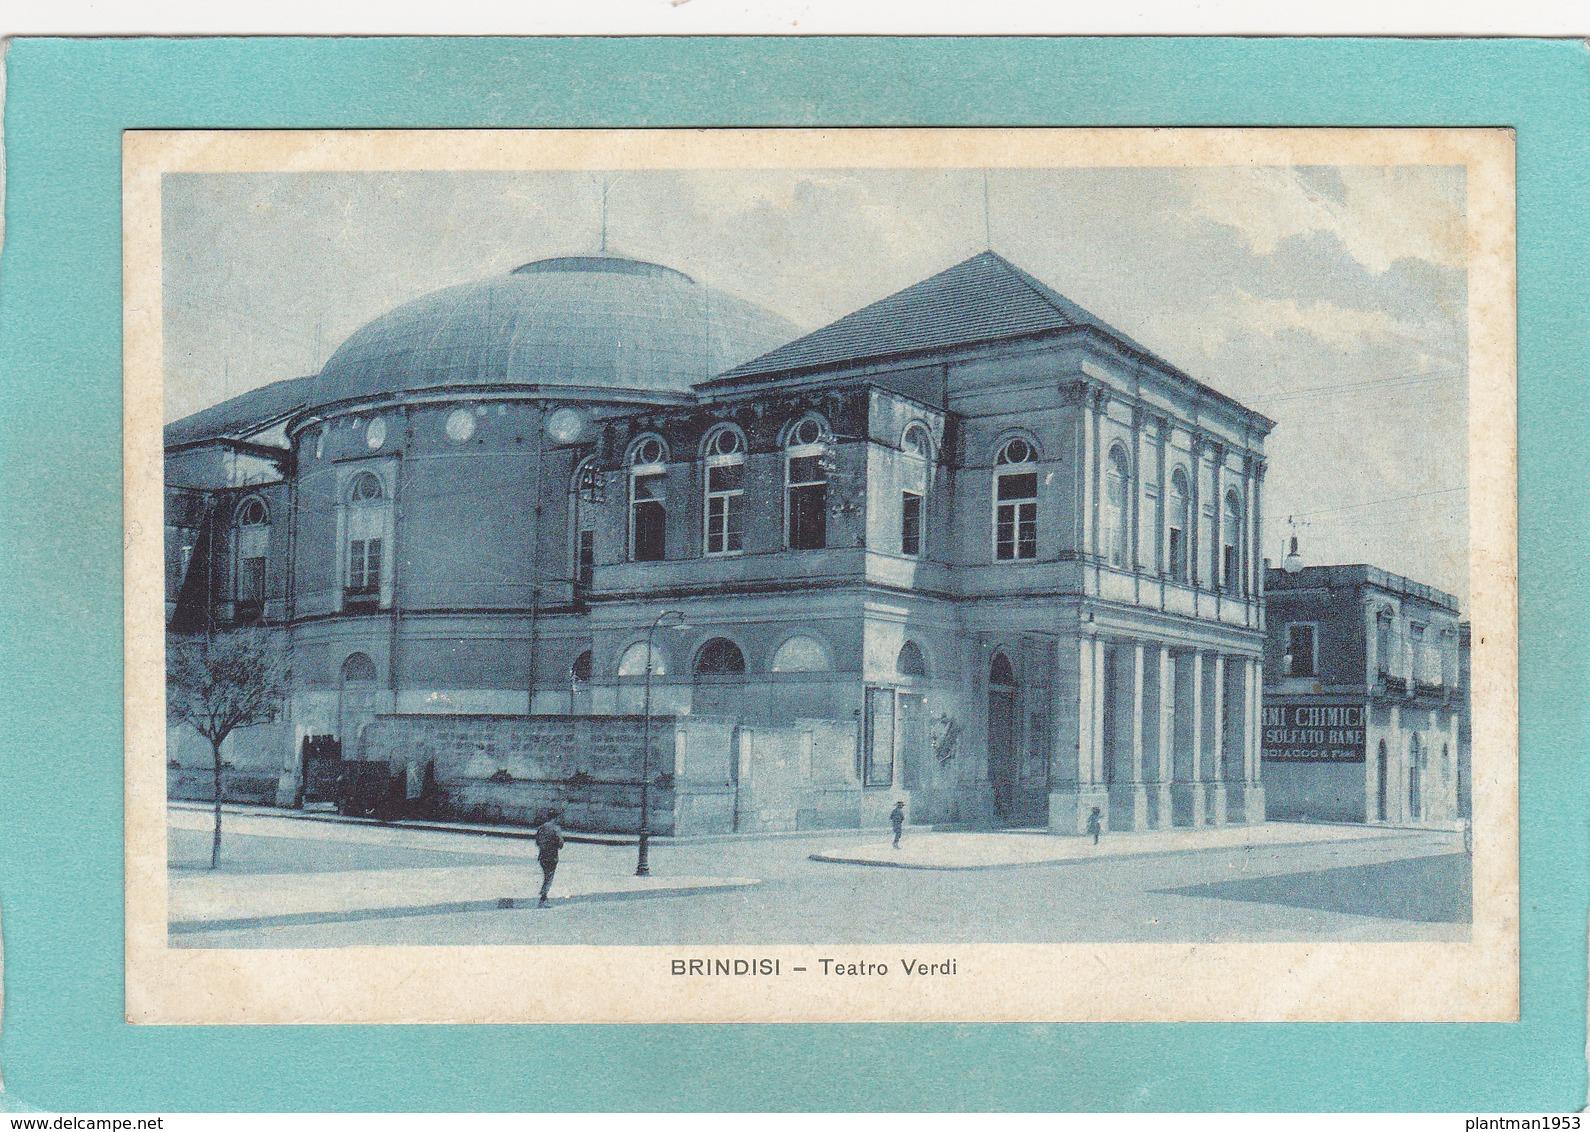 Small Postcard Of Teatro Verdi,Brindisi, Apulia, Italy,Q84. - Italia